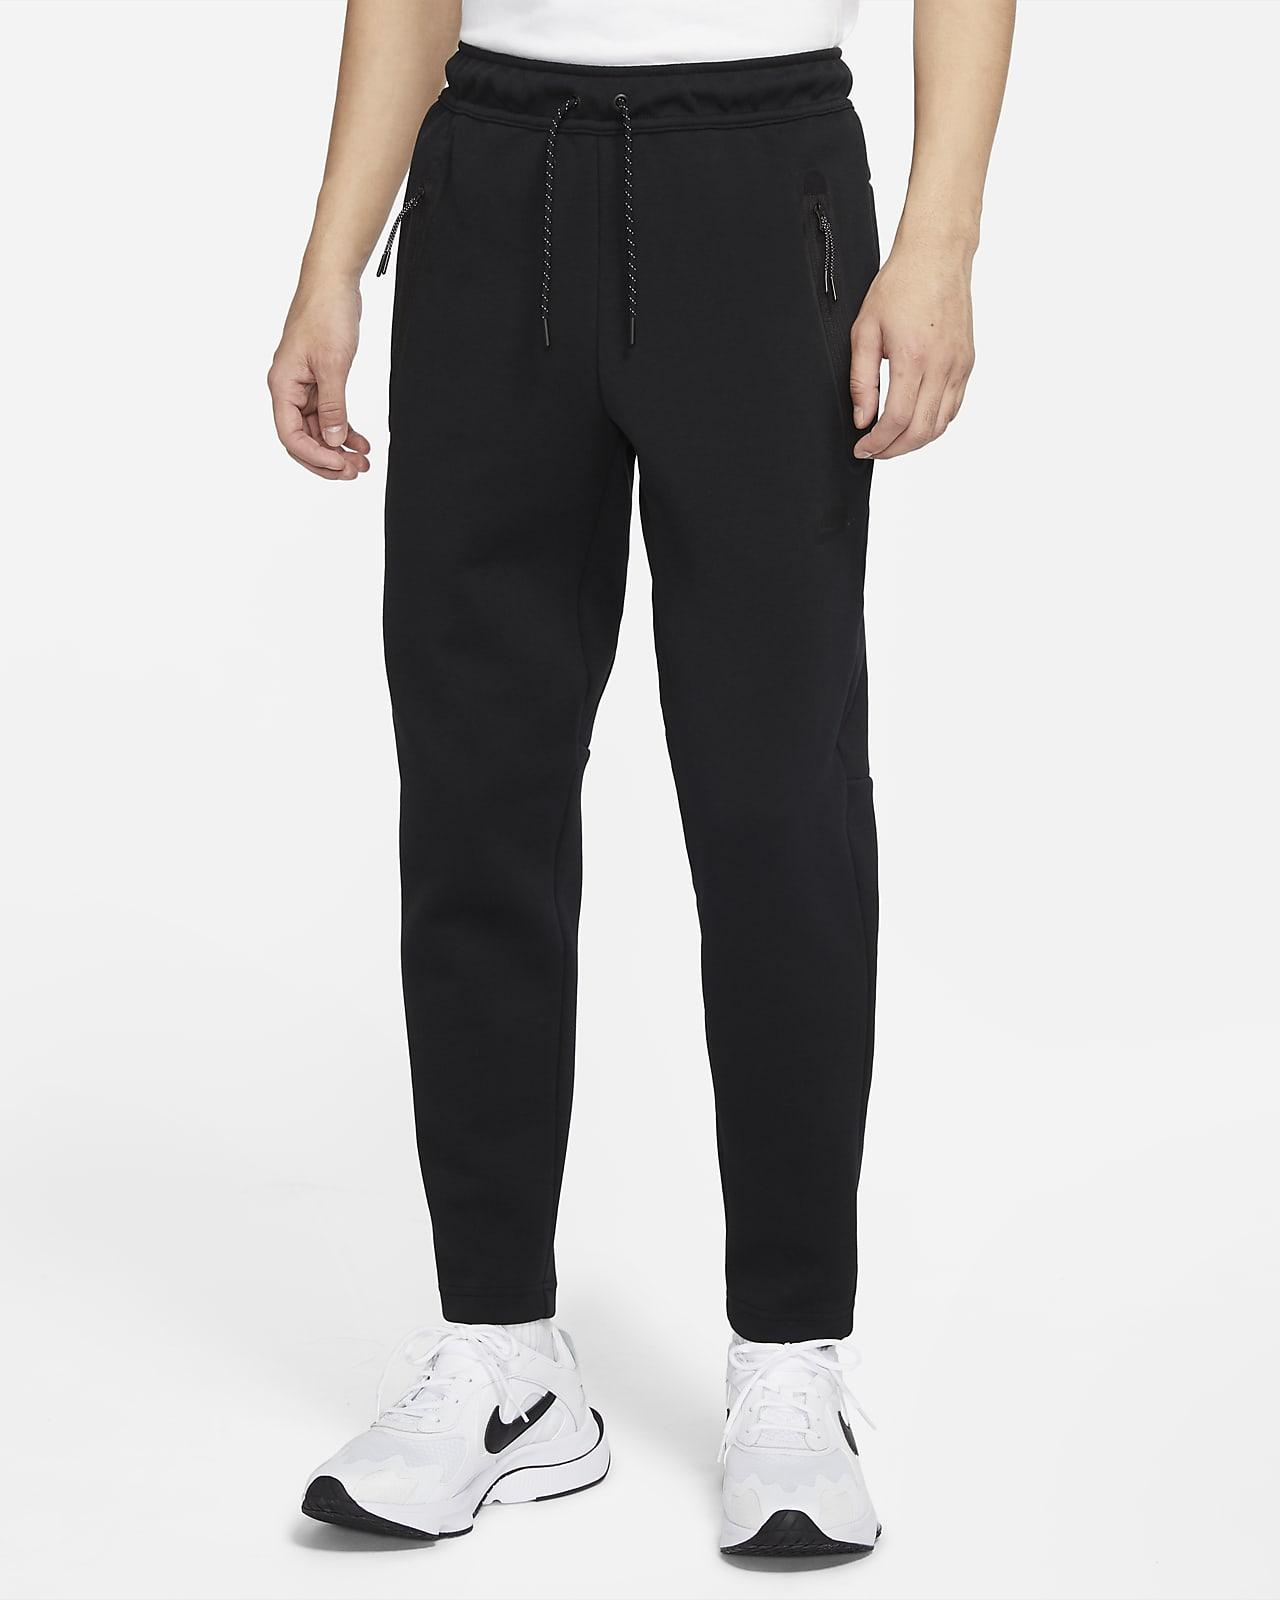 Nike Sportswear Tech Fleece 男款長褲